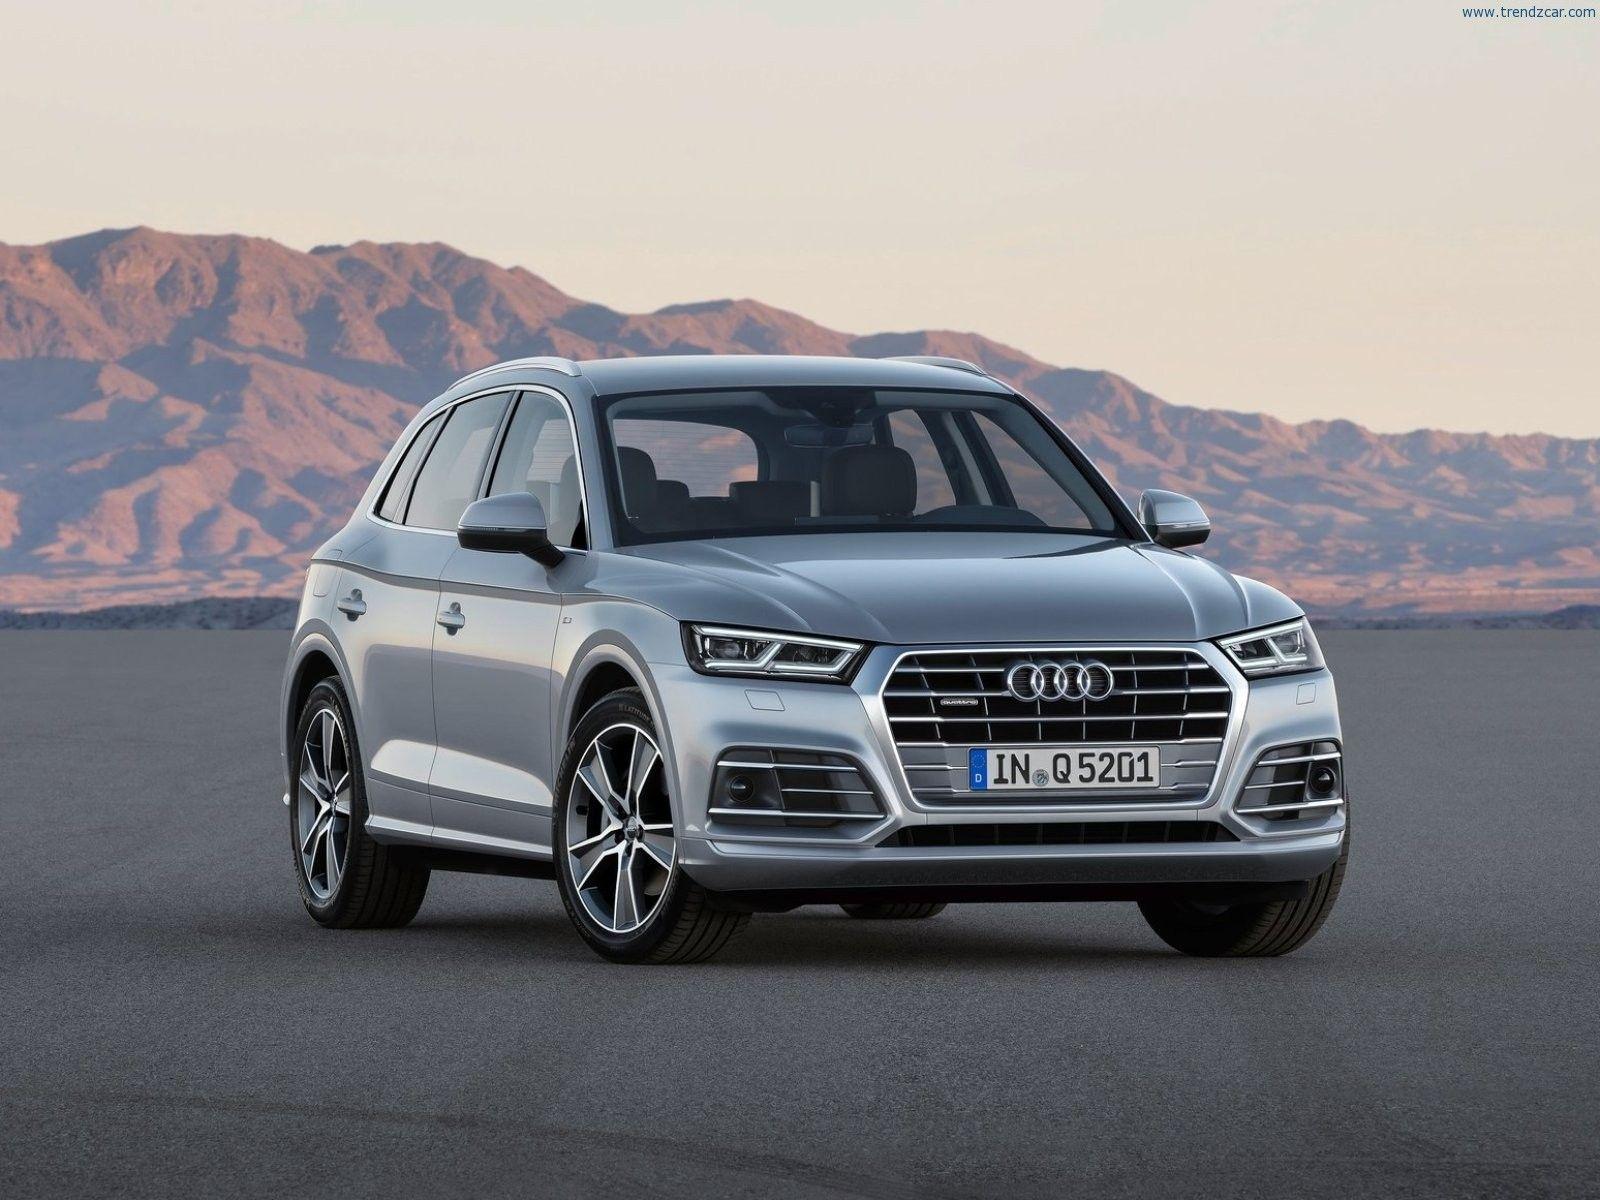 2017 Audi Q5 Audi Q5 Audi Audi Cars